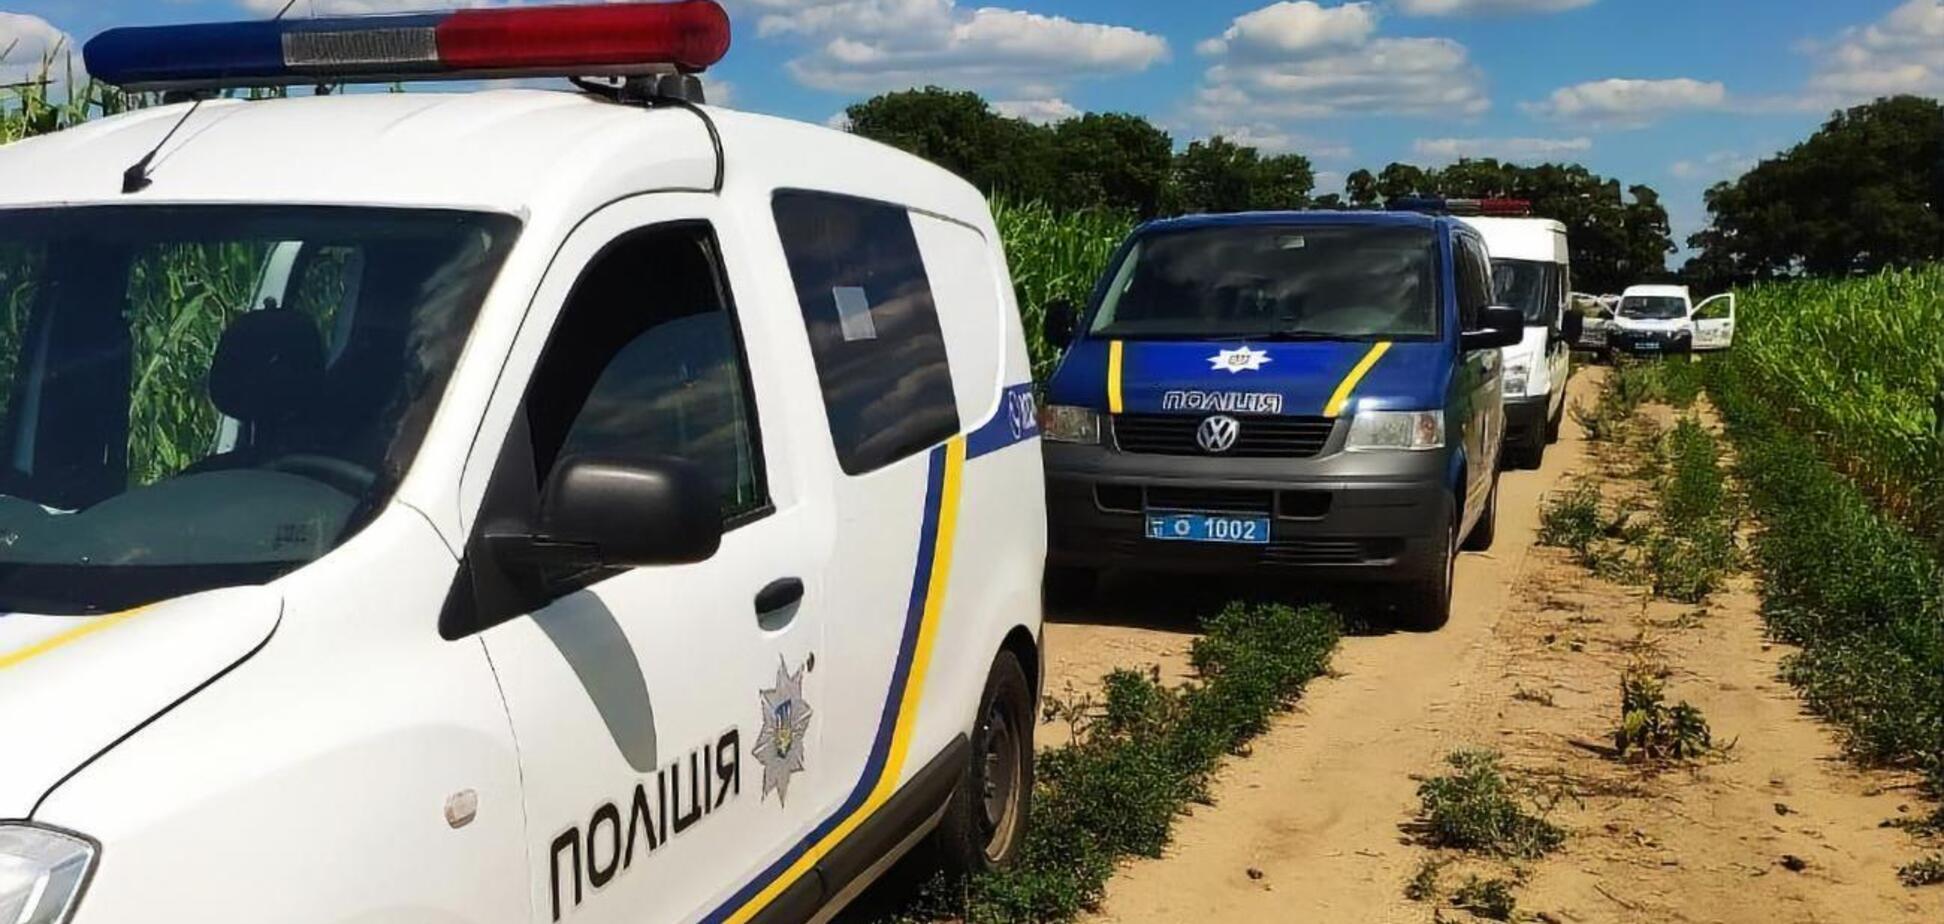 Поліція затримала підозрюваного у вбивстві співробітниці Верховної Ради